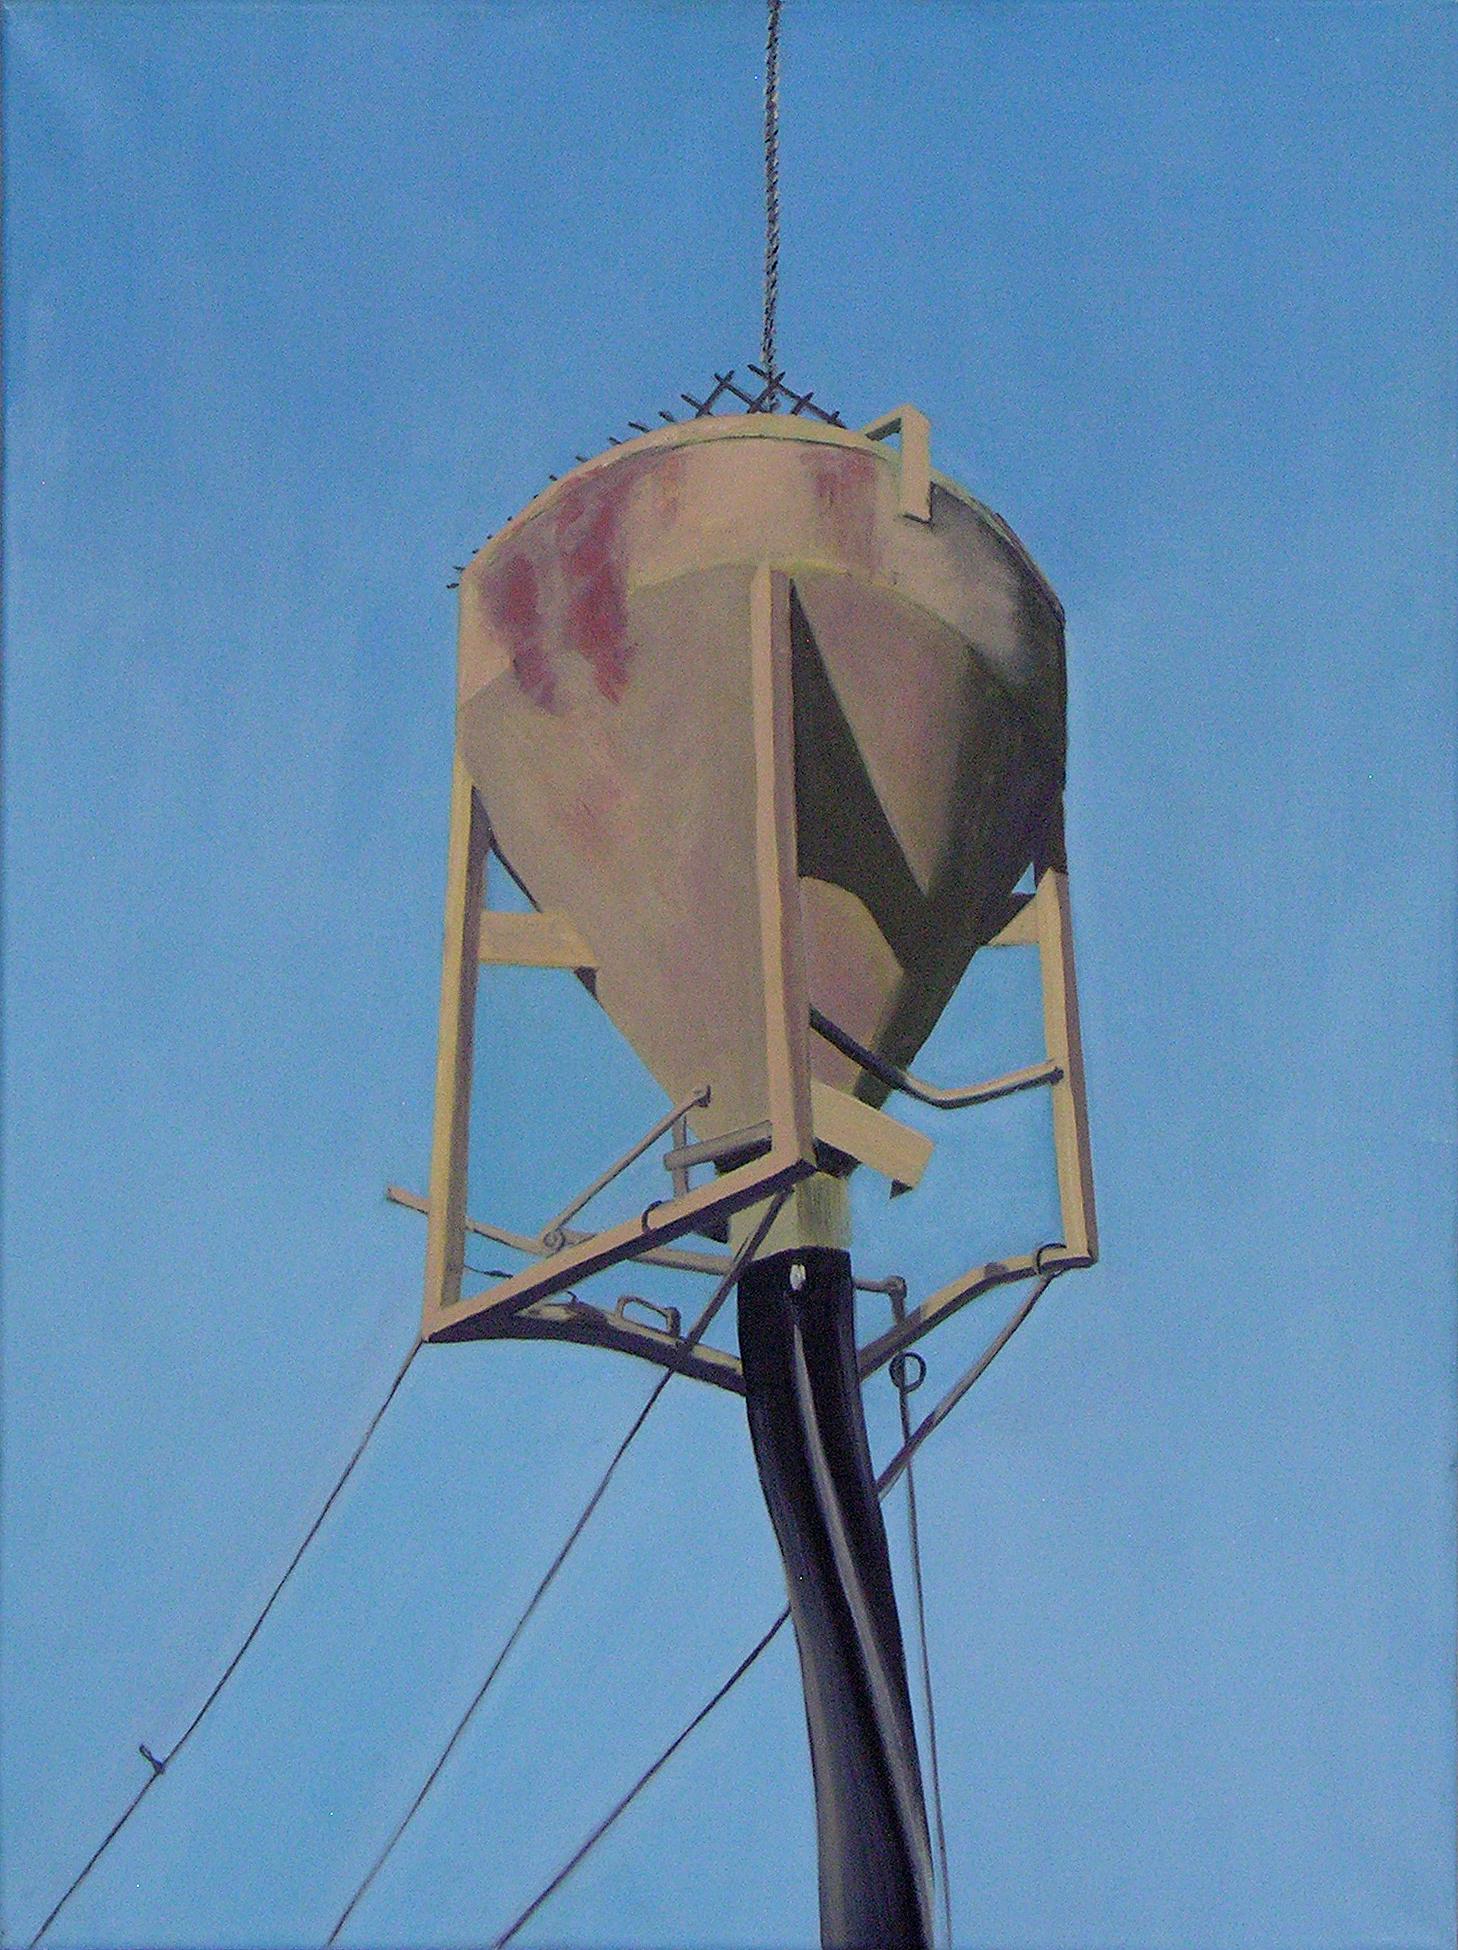 Acrylic on canvas, 50 x 70 cm, 2010